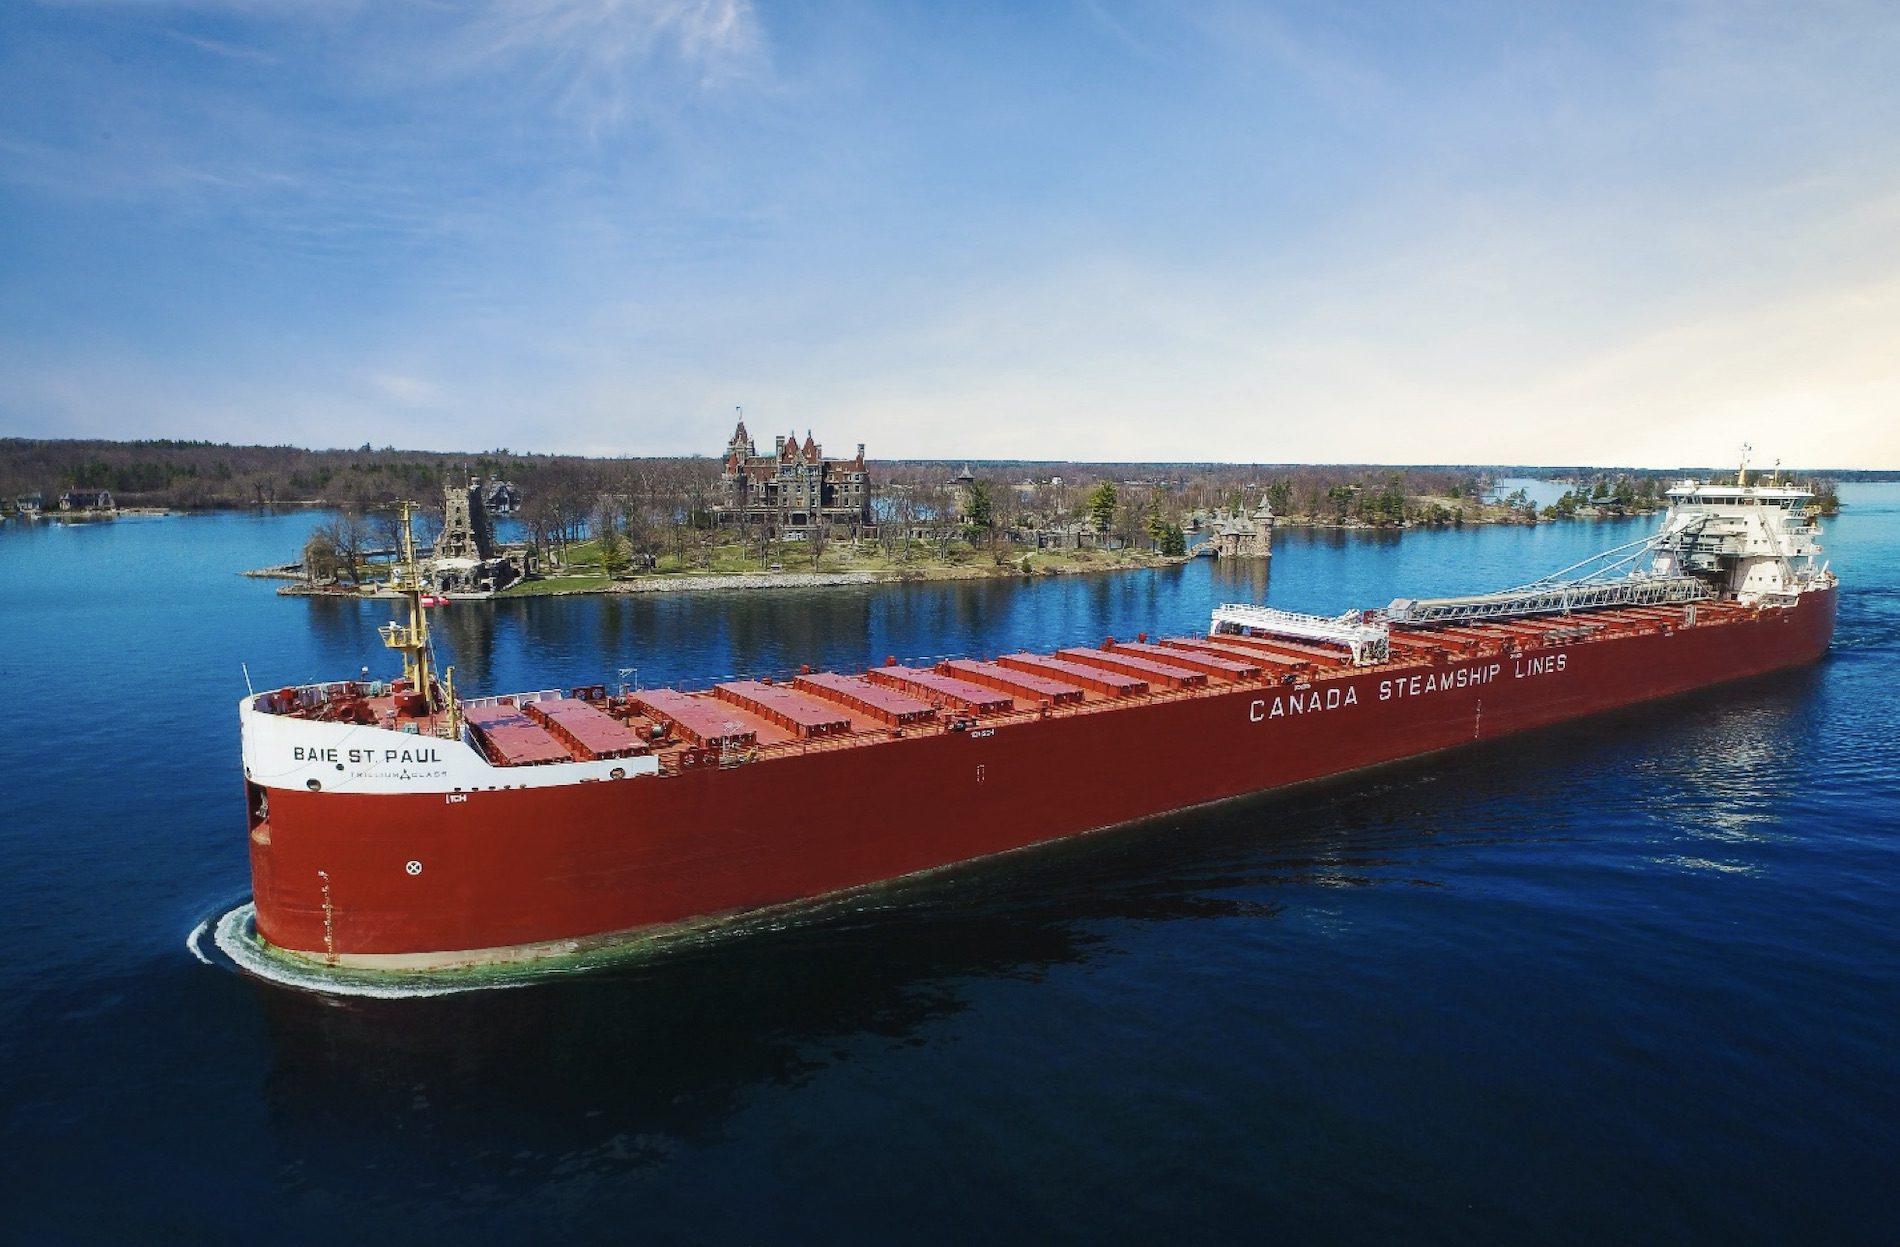 Baie St. Paul cargo ship